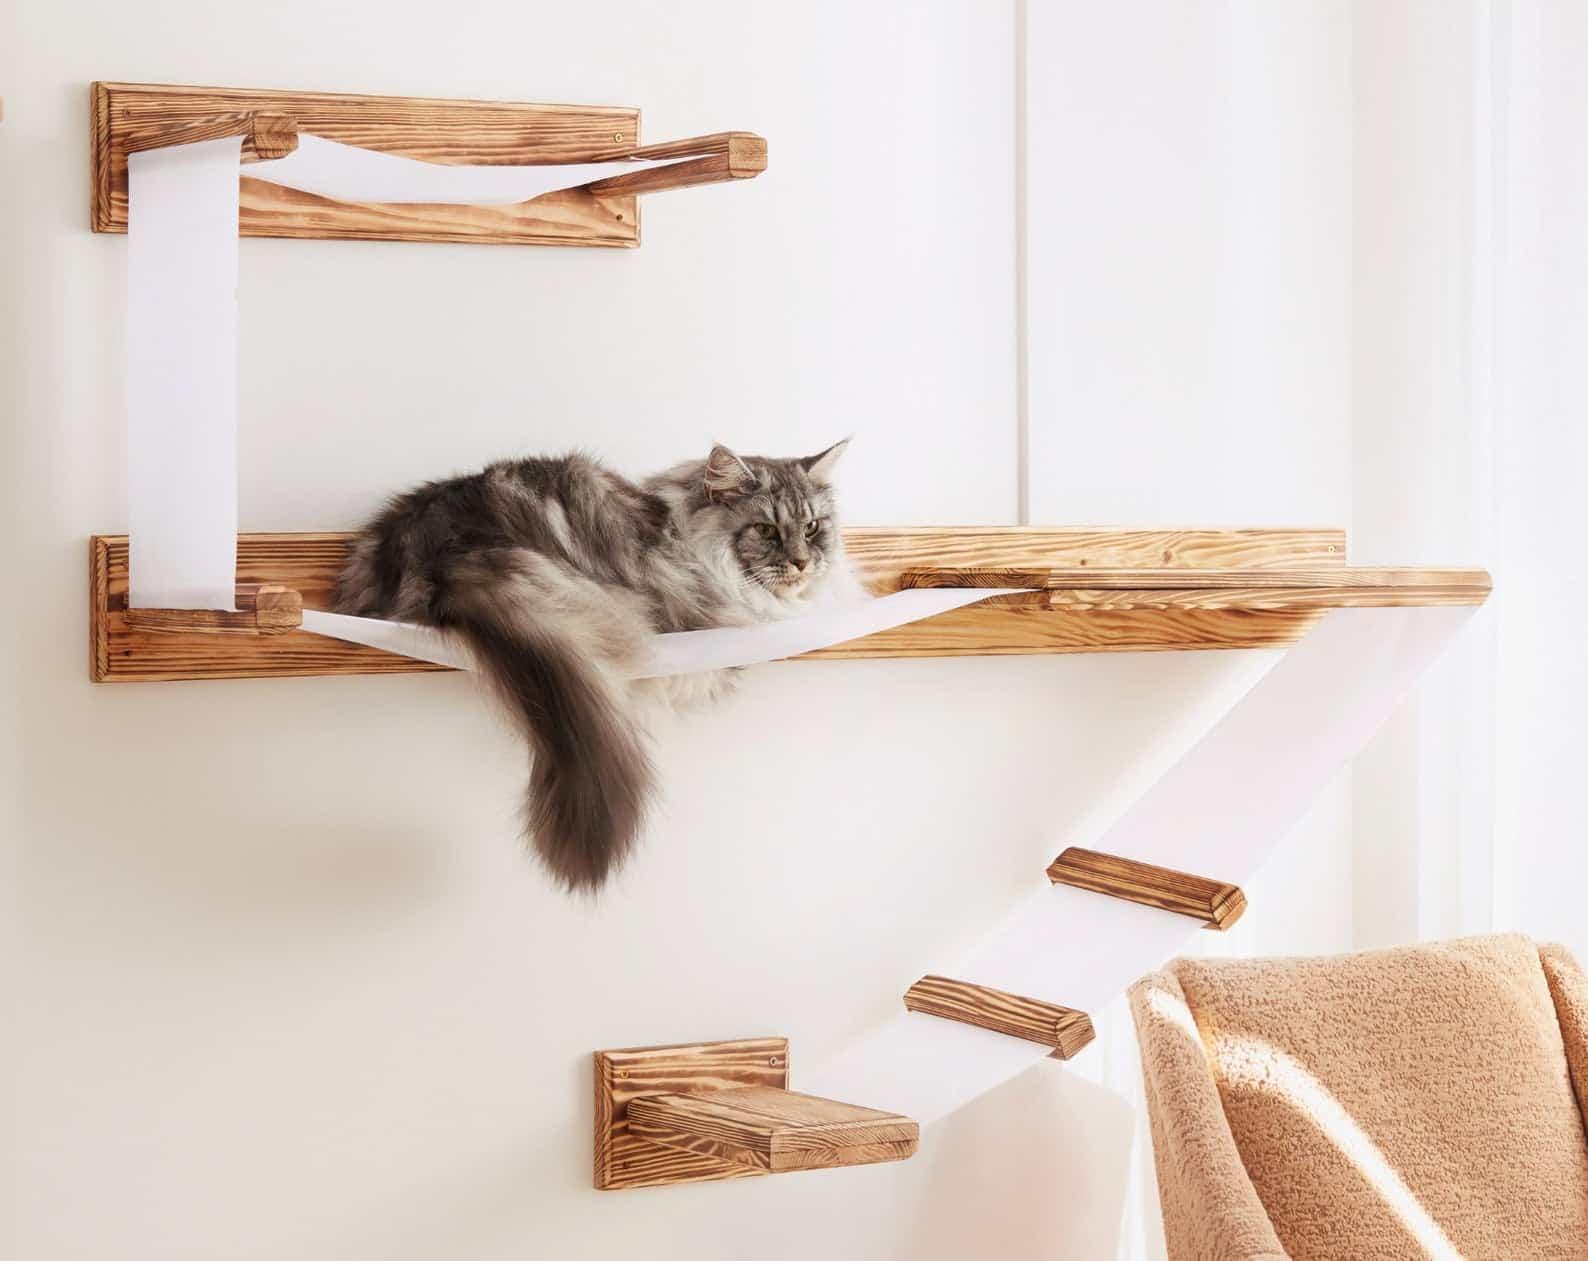 ensemble arbre a chat mural design lattes tissu plateformes